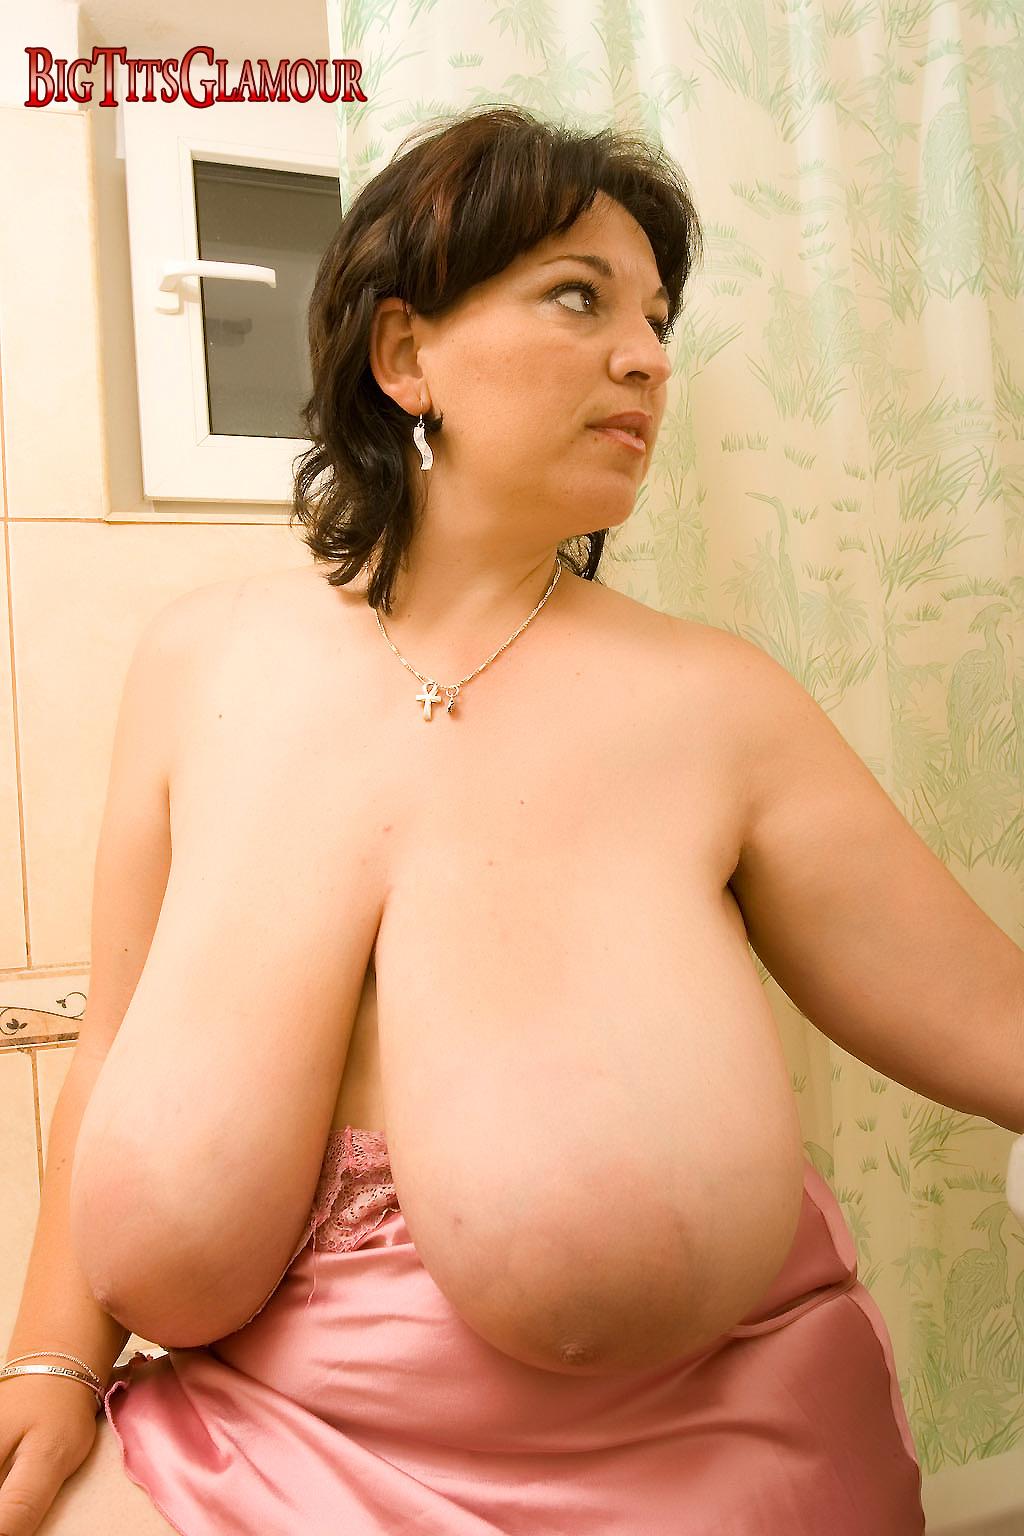 Jamie michelle hot sexy